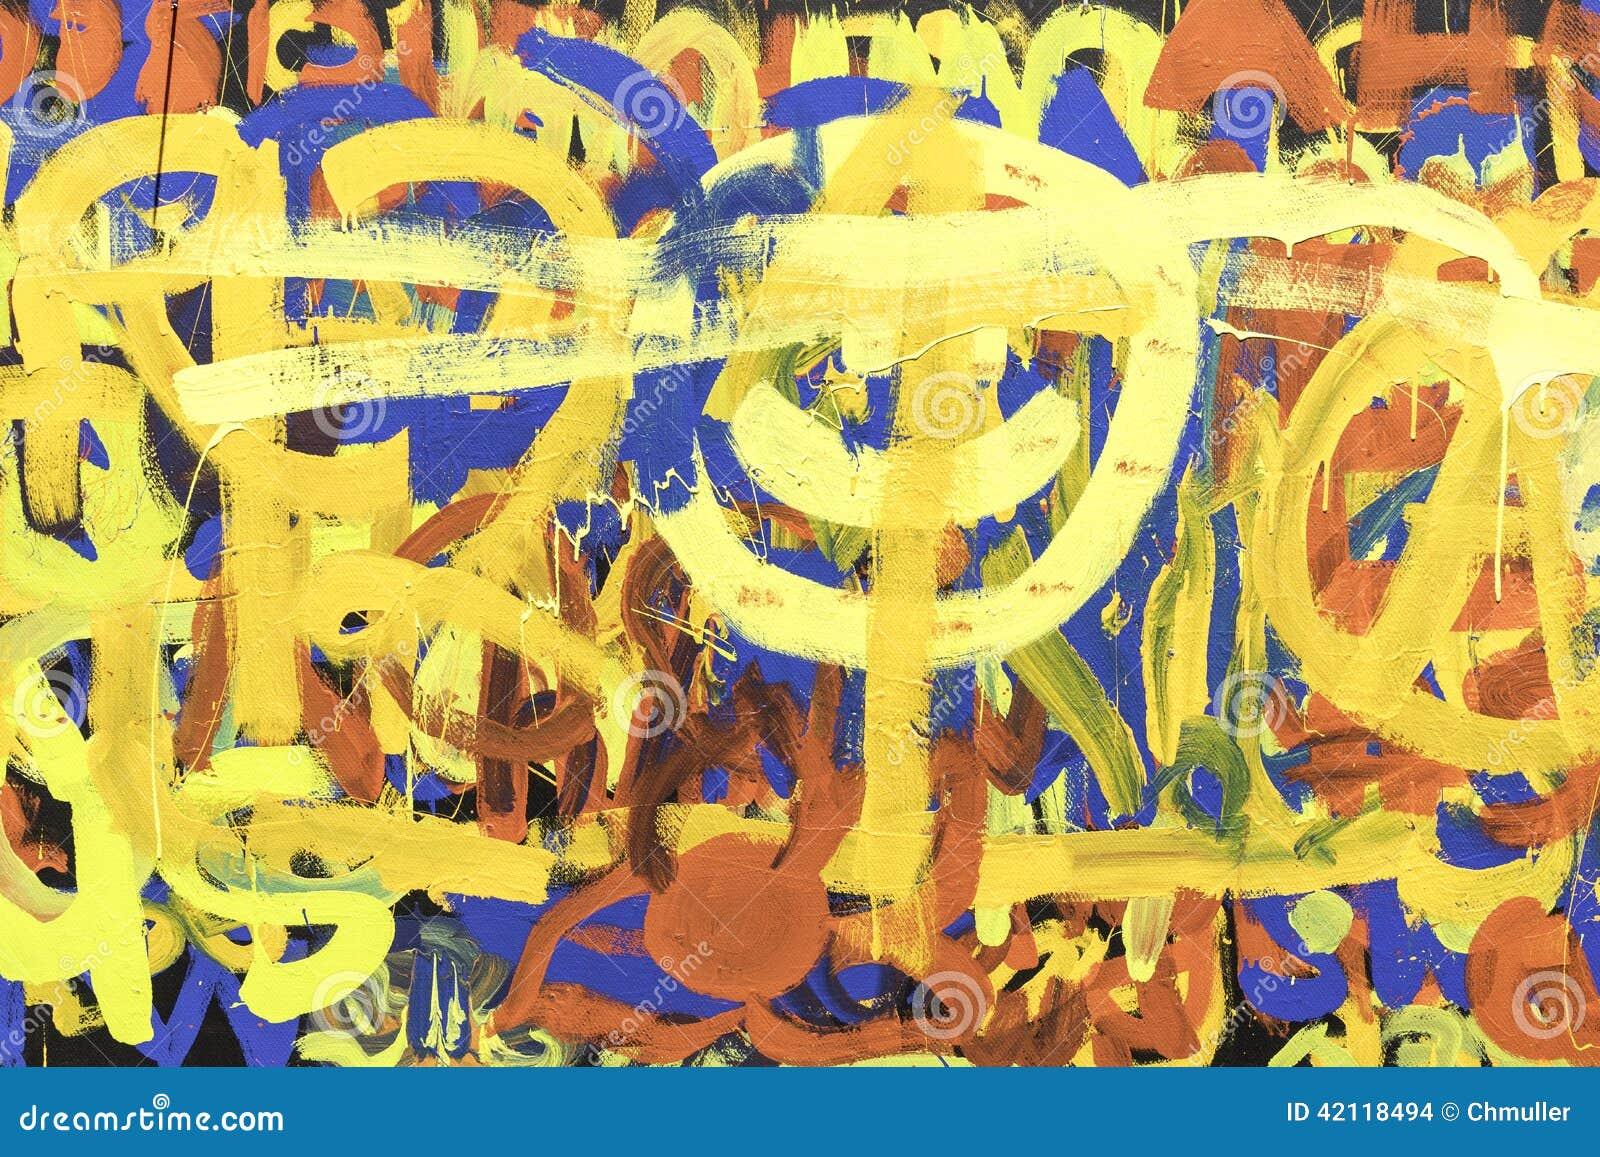 Pittura astratta Art Multicolored